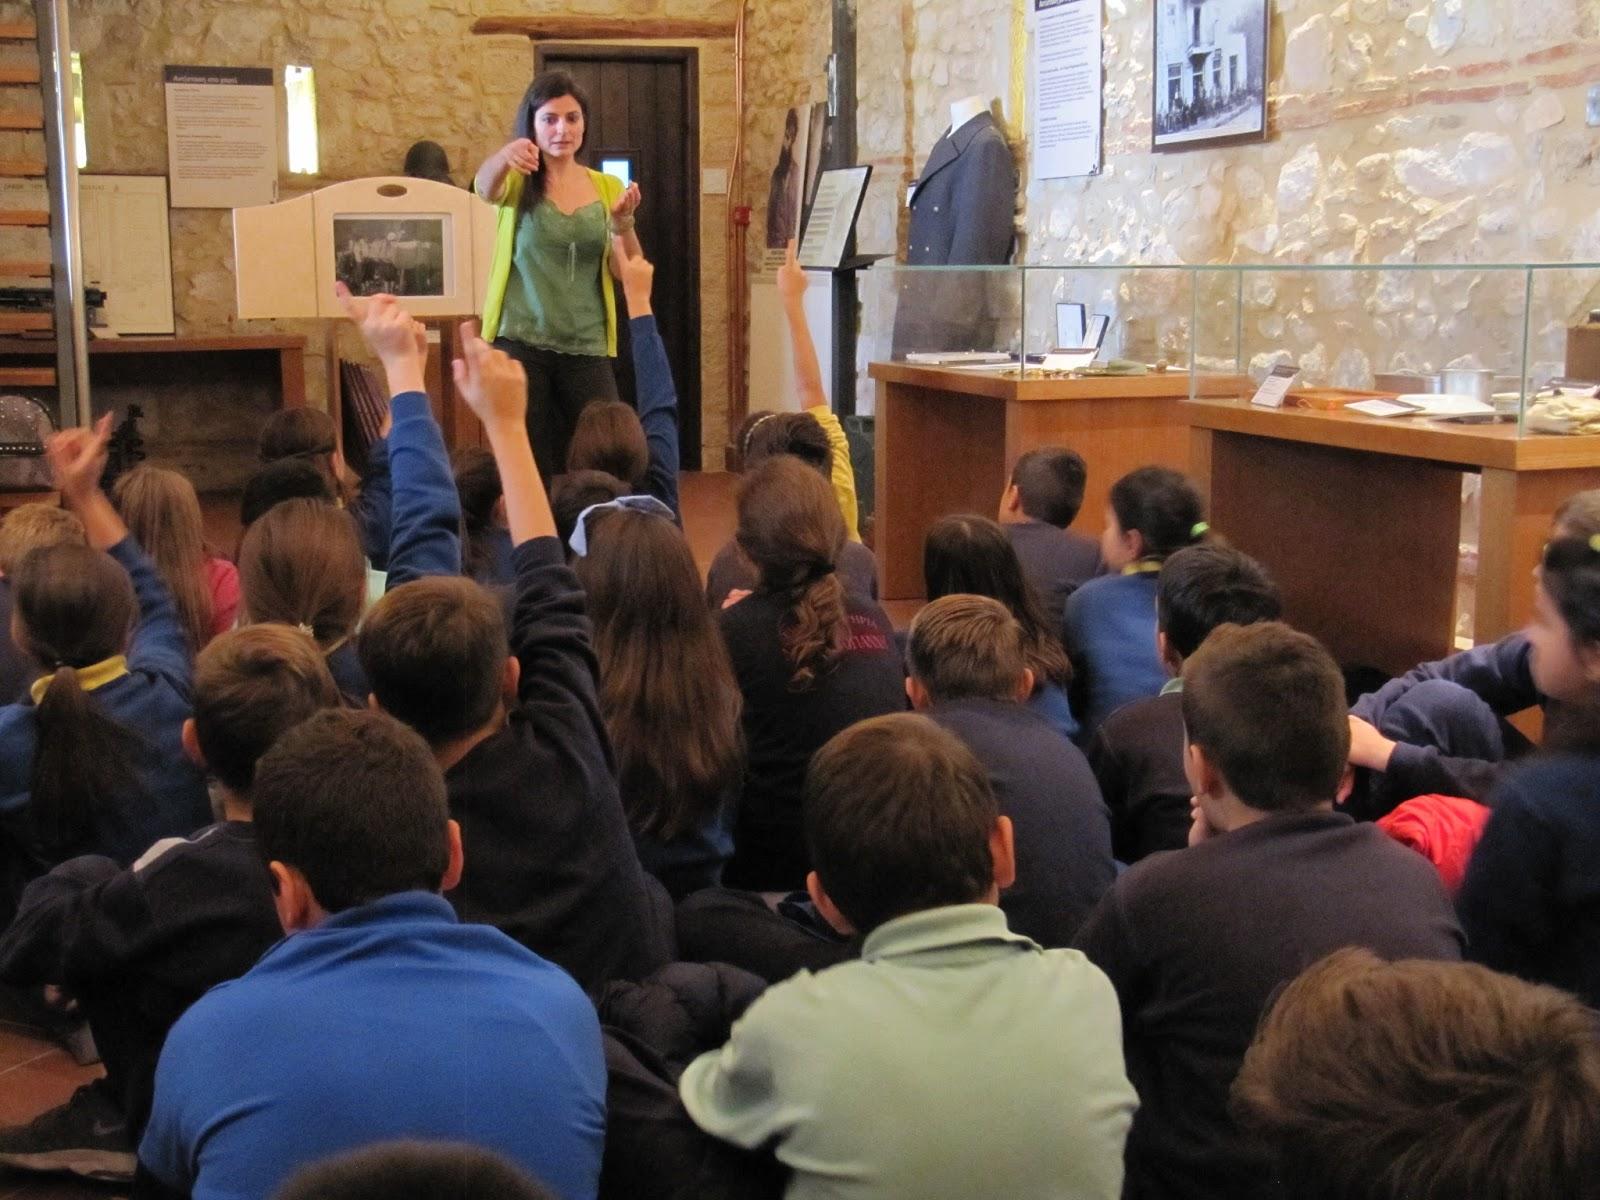 Τα Εκπαιδευτήρια Μπακογιάννη στο Μουσείο Εθνικής Αντίστασης Λάρισας (ΦΩΤΟ)